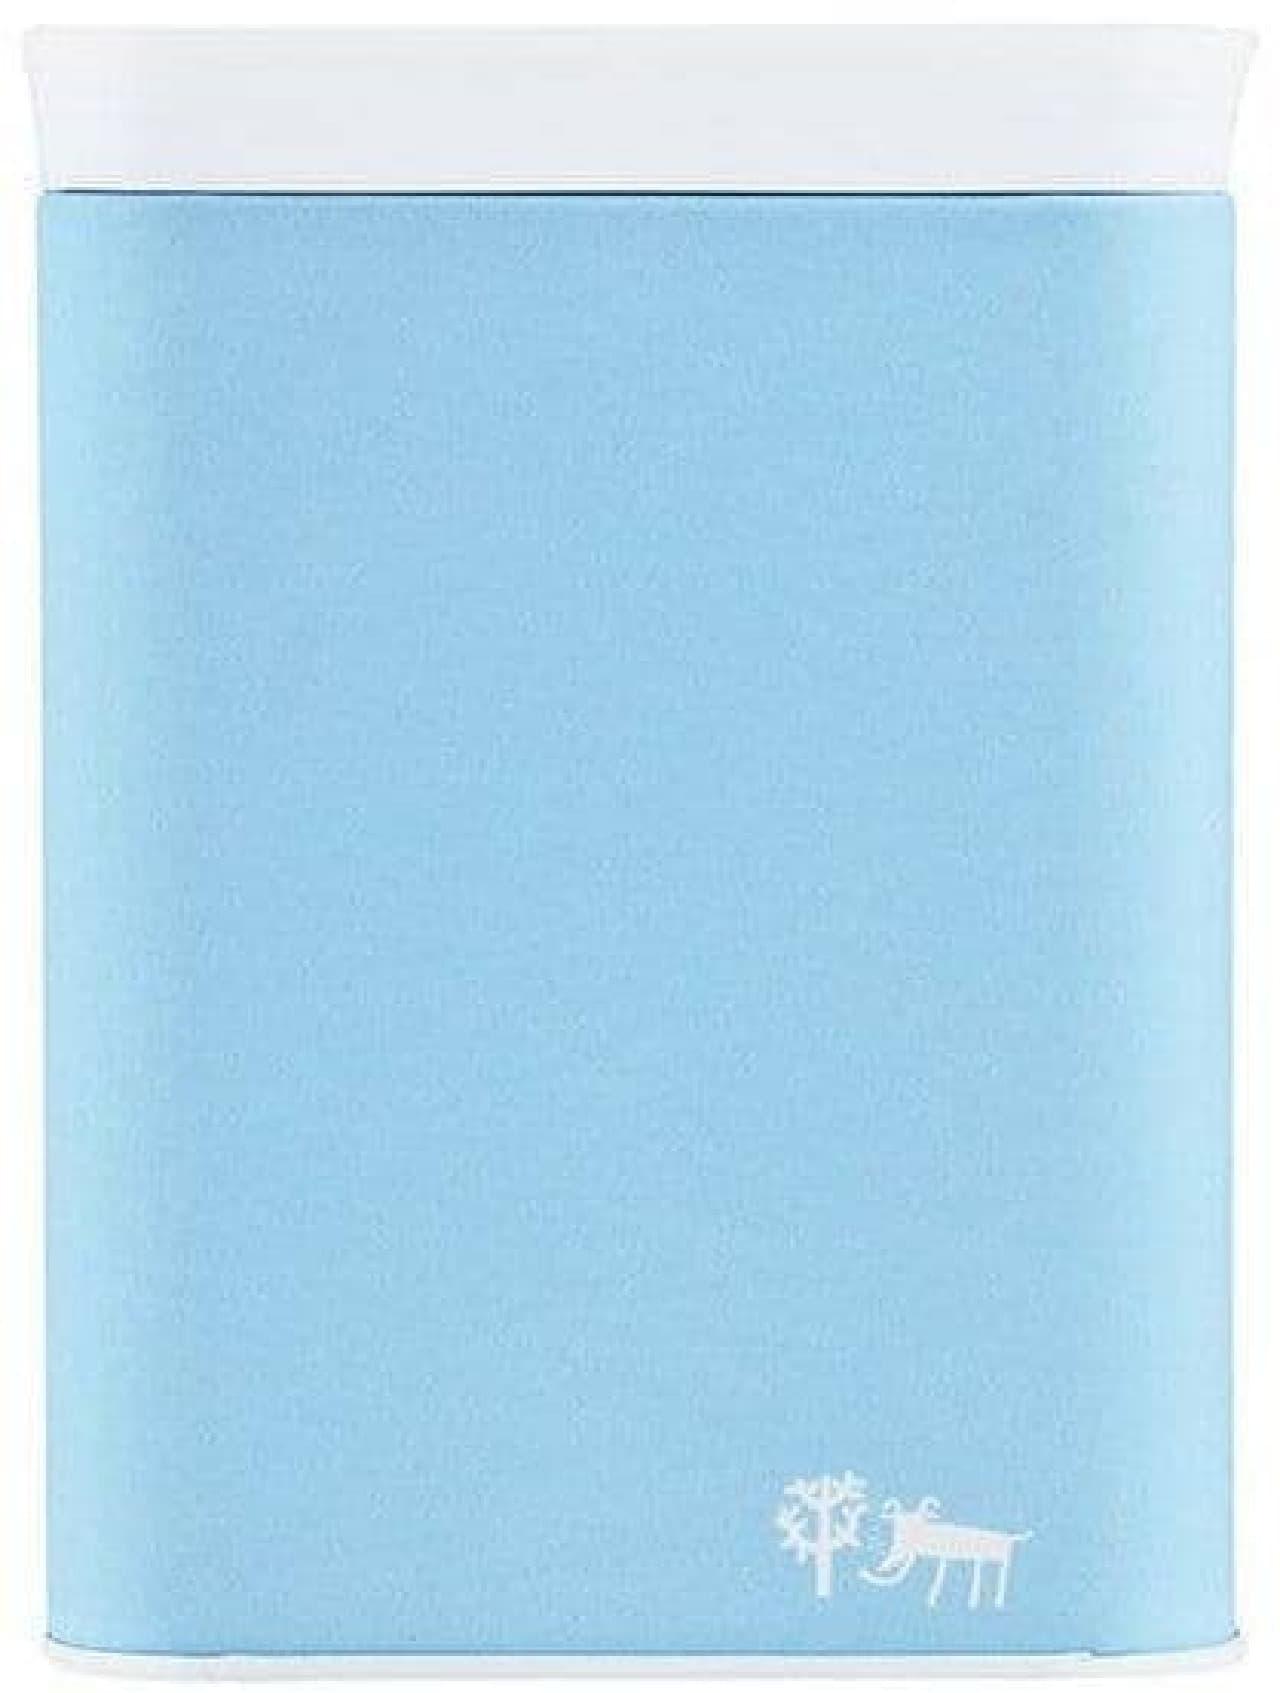 カルディ「マイルドカルディ&スクエアキャニスター缶セット」